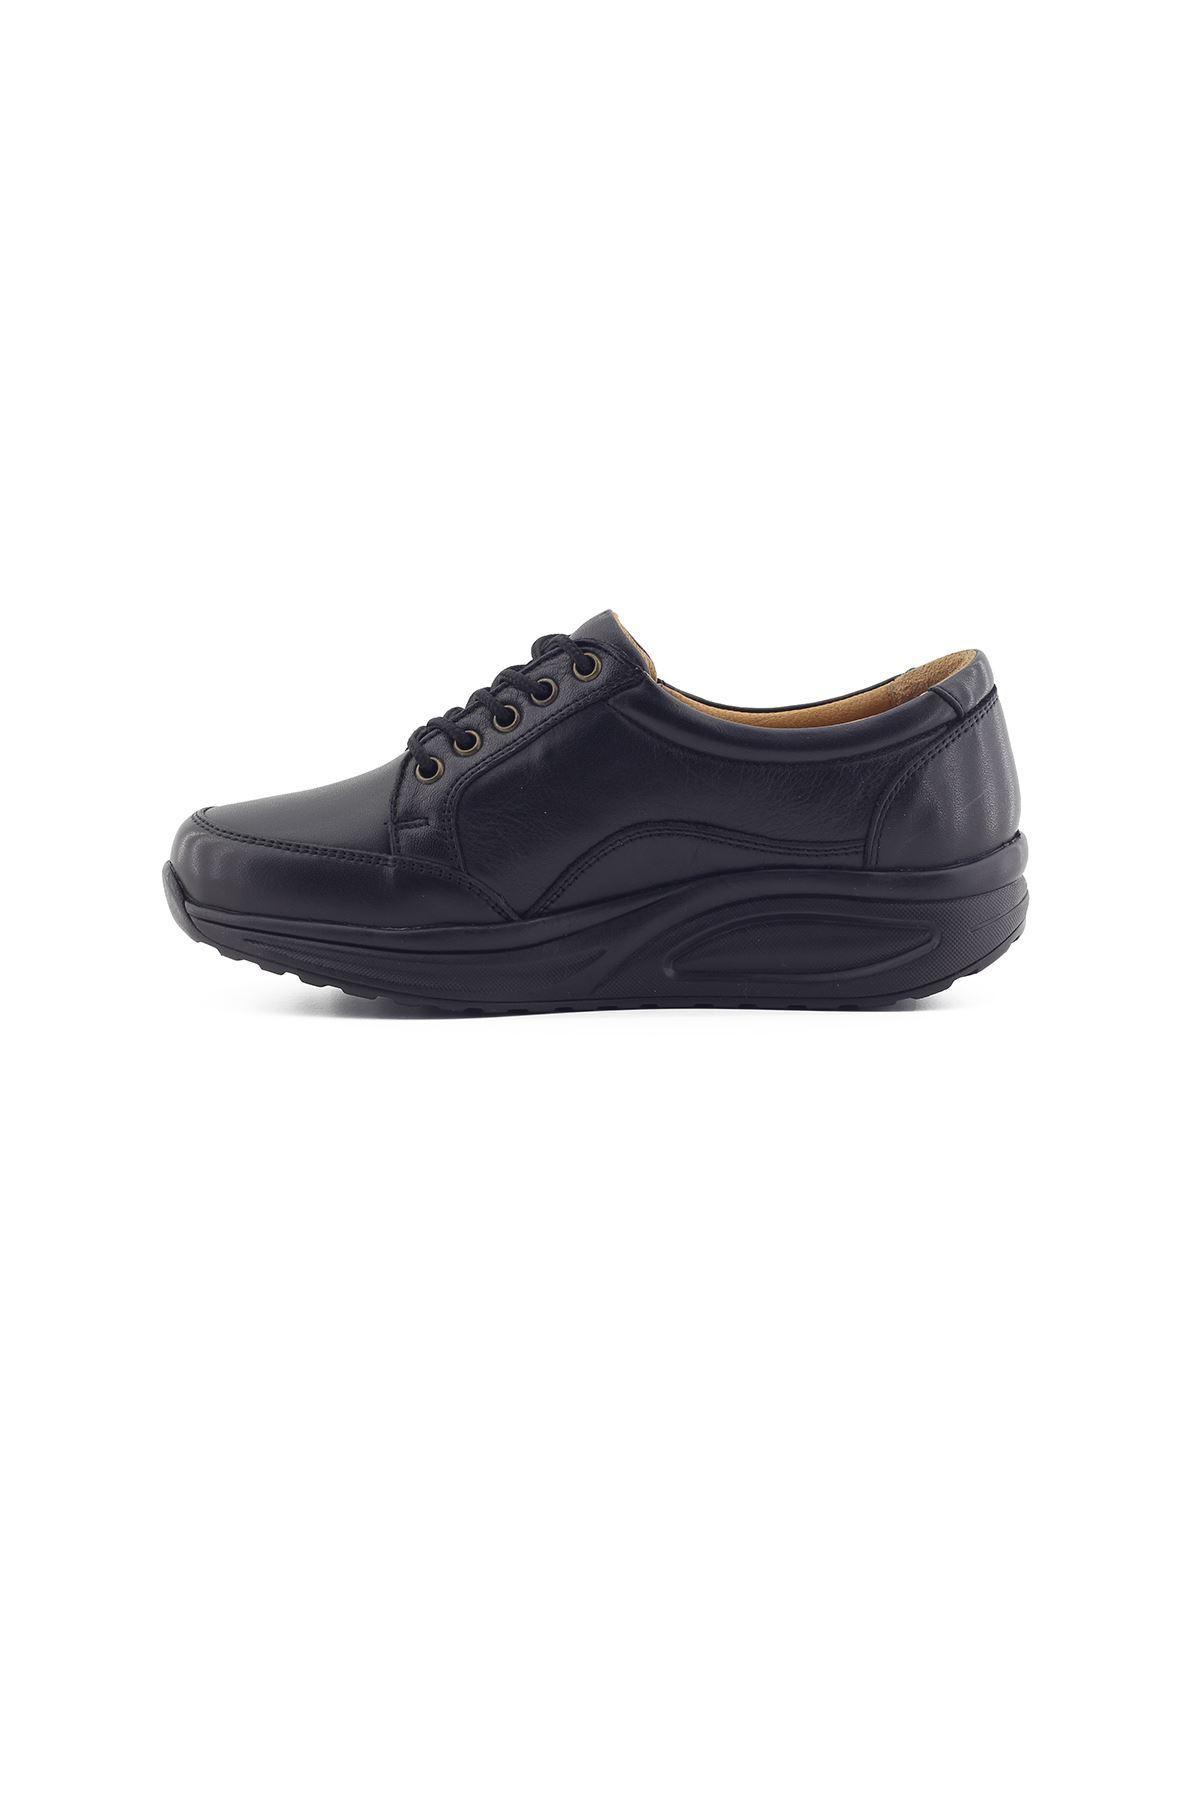 755 Siyah Kadın Yürüyüş Ayakkabısı